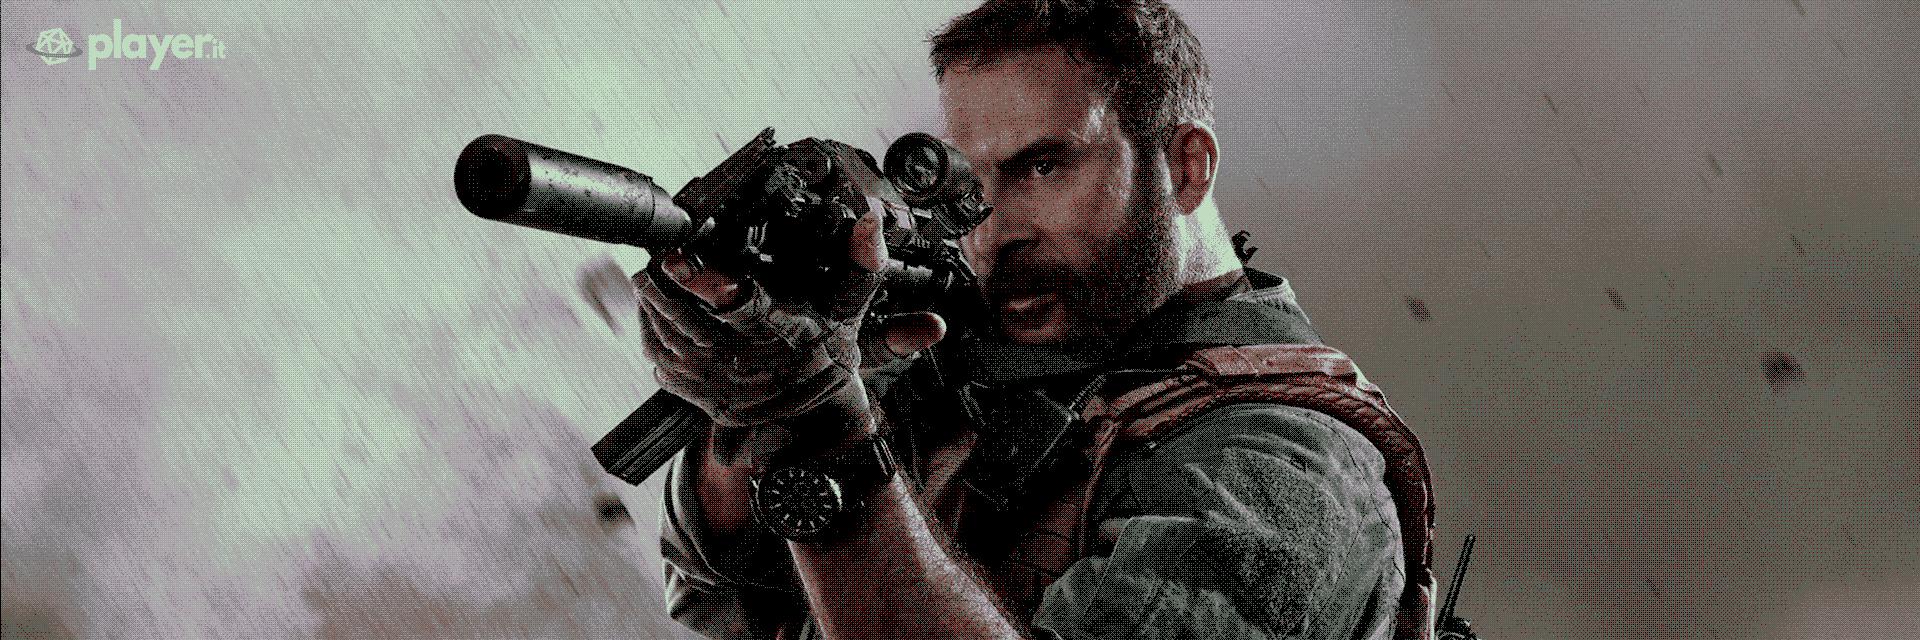 La copertina di Call of Duty: Modern Warfare